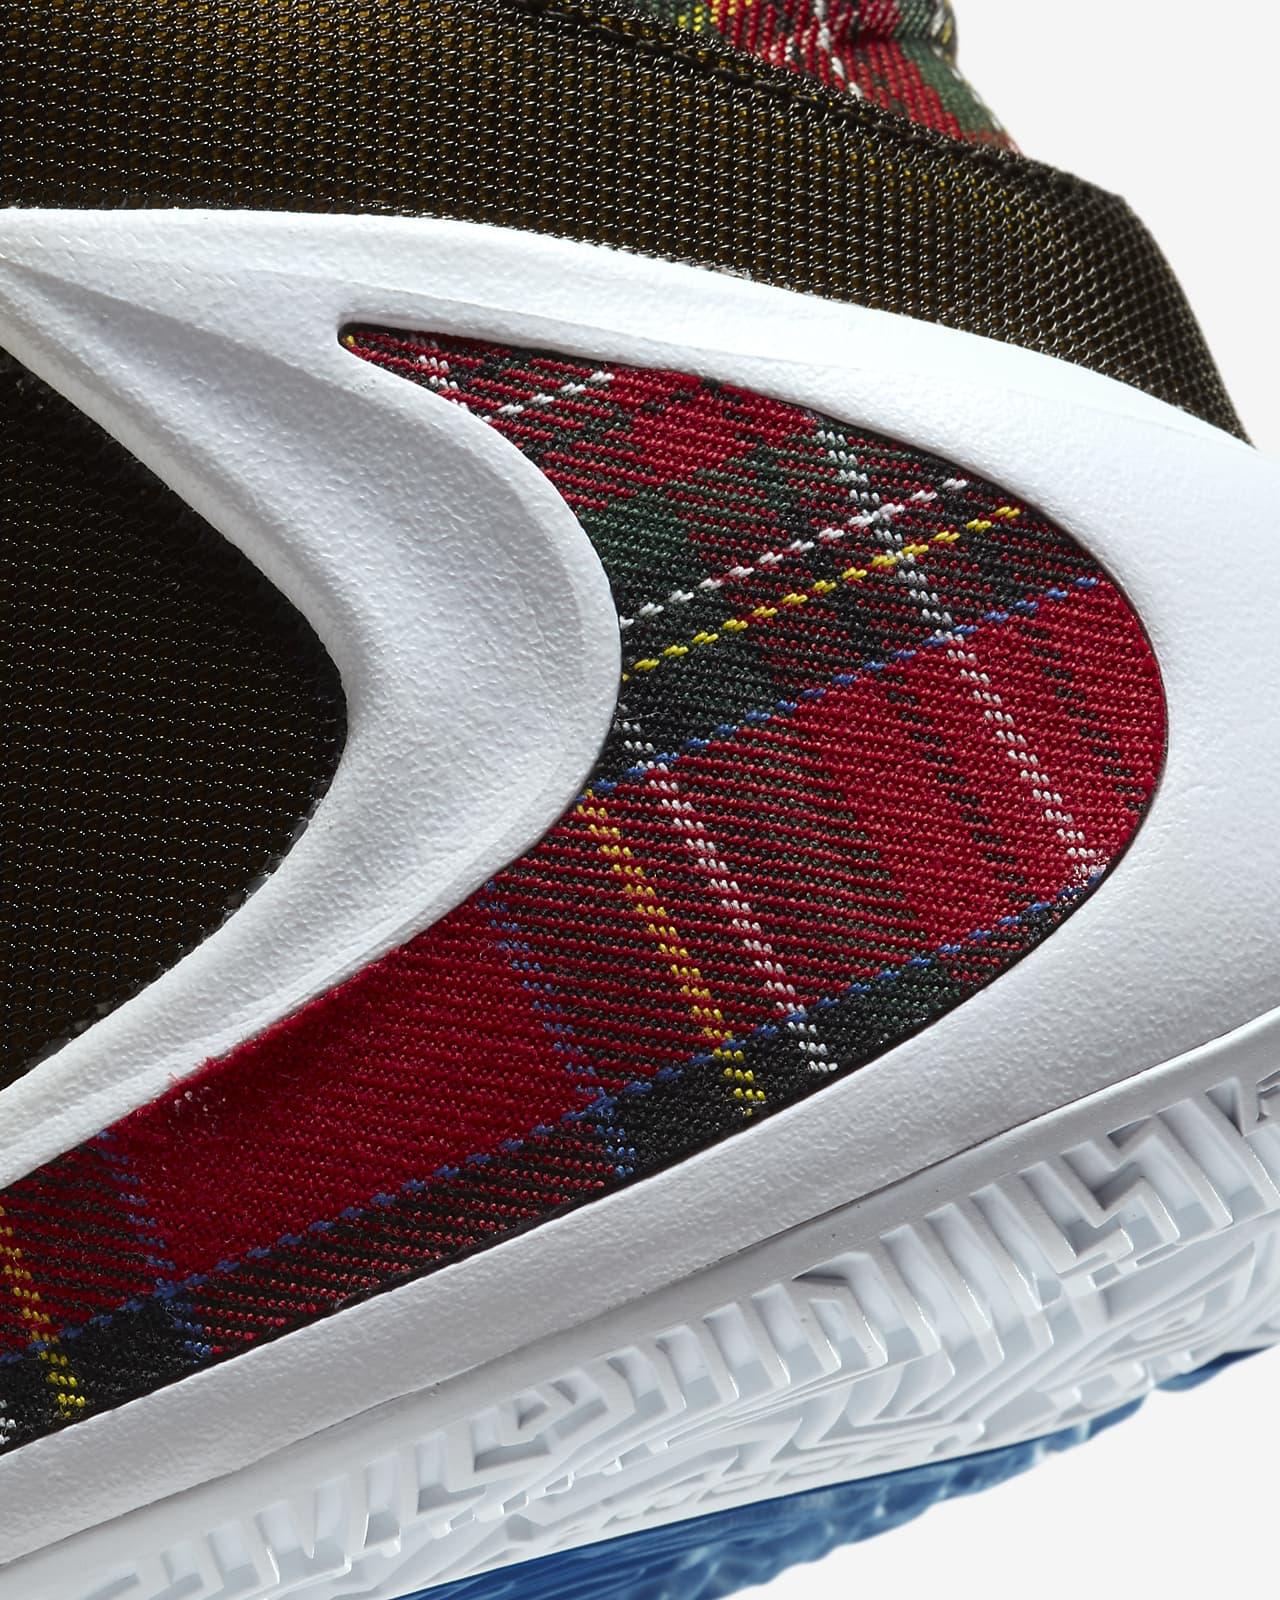 enaguas Avanzado Abultar  Calzado de básquetbol Zoom Freak 1 Empleado del mes. Nike.com